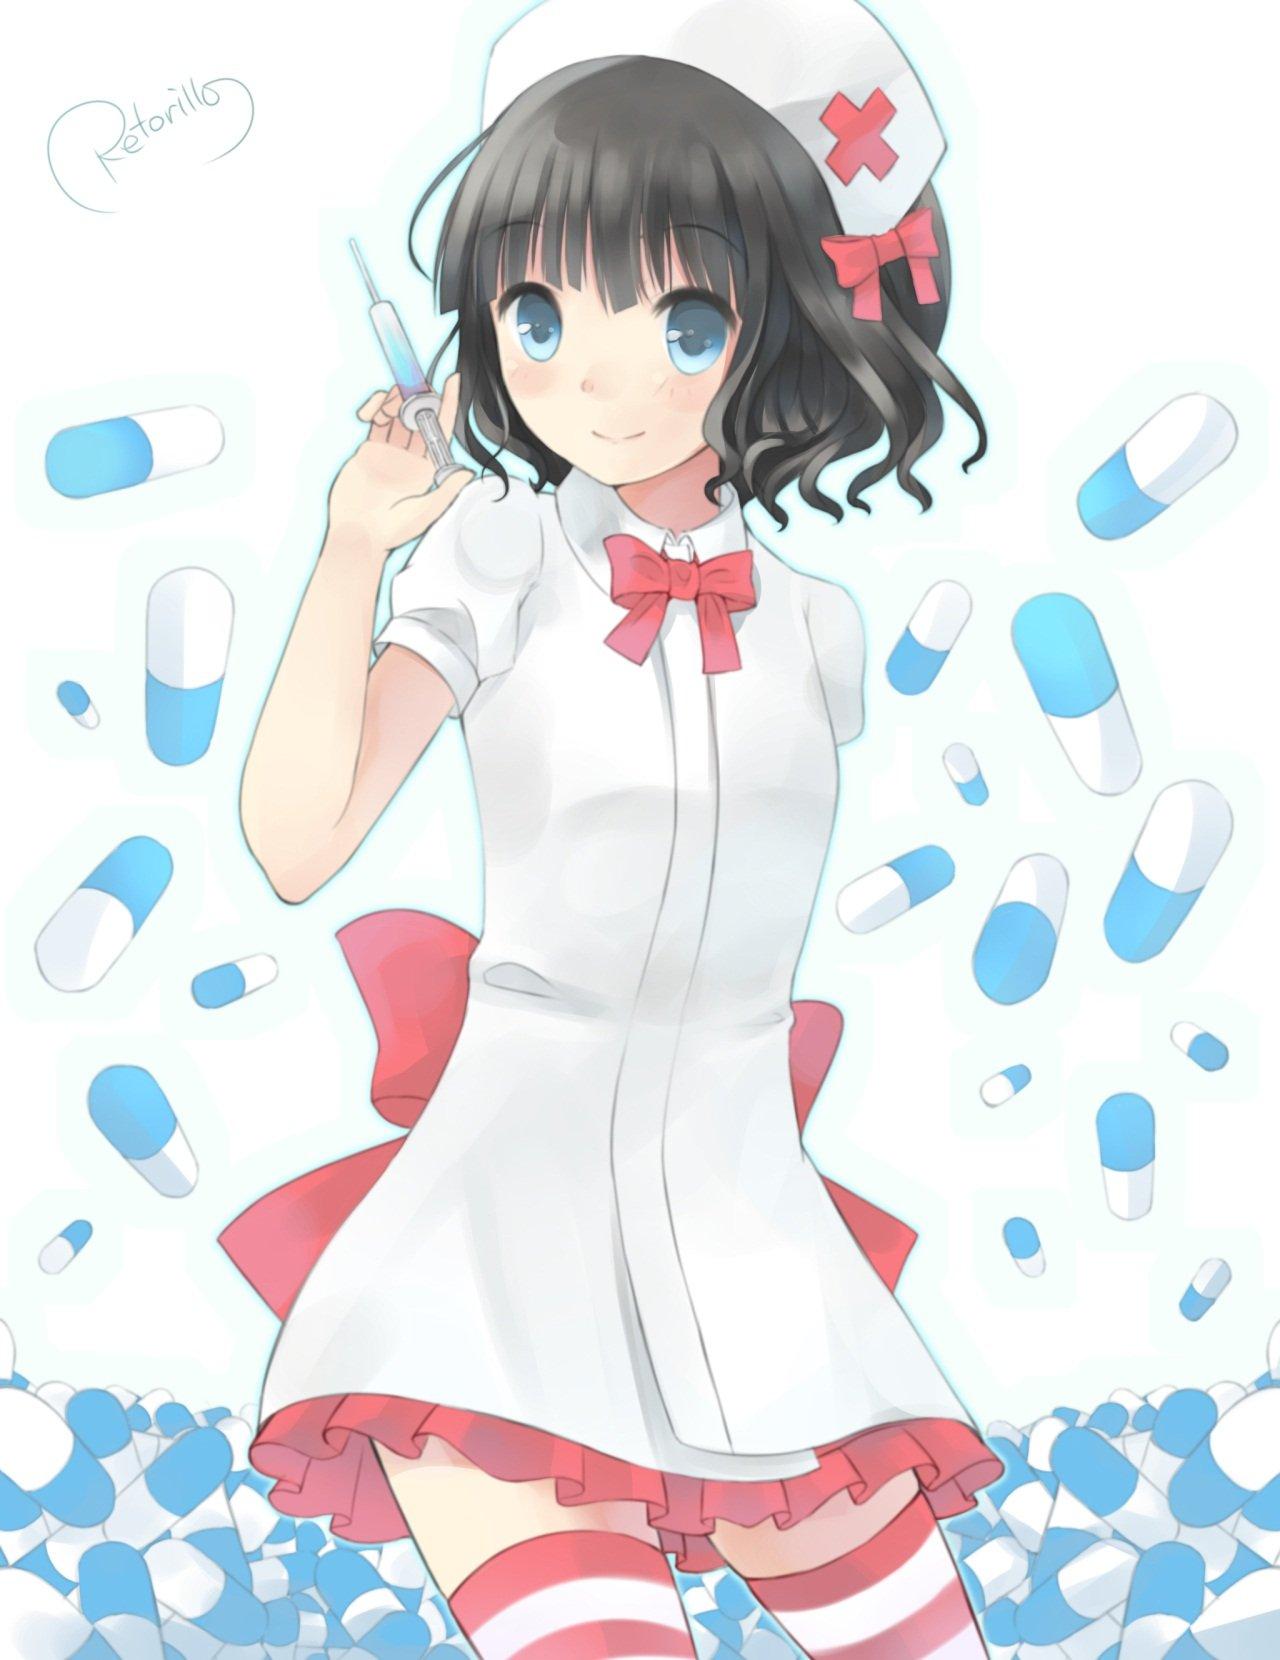 ナース服 | 【ナース】いやらしいカラダに成長した看護婦さんの二次元画像(49枚)